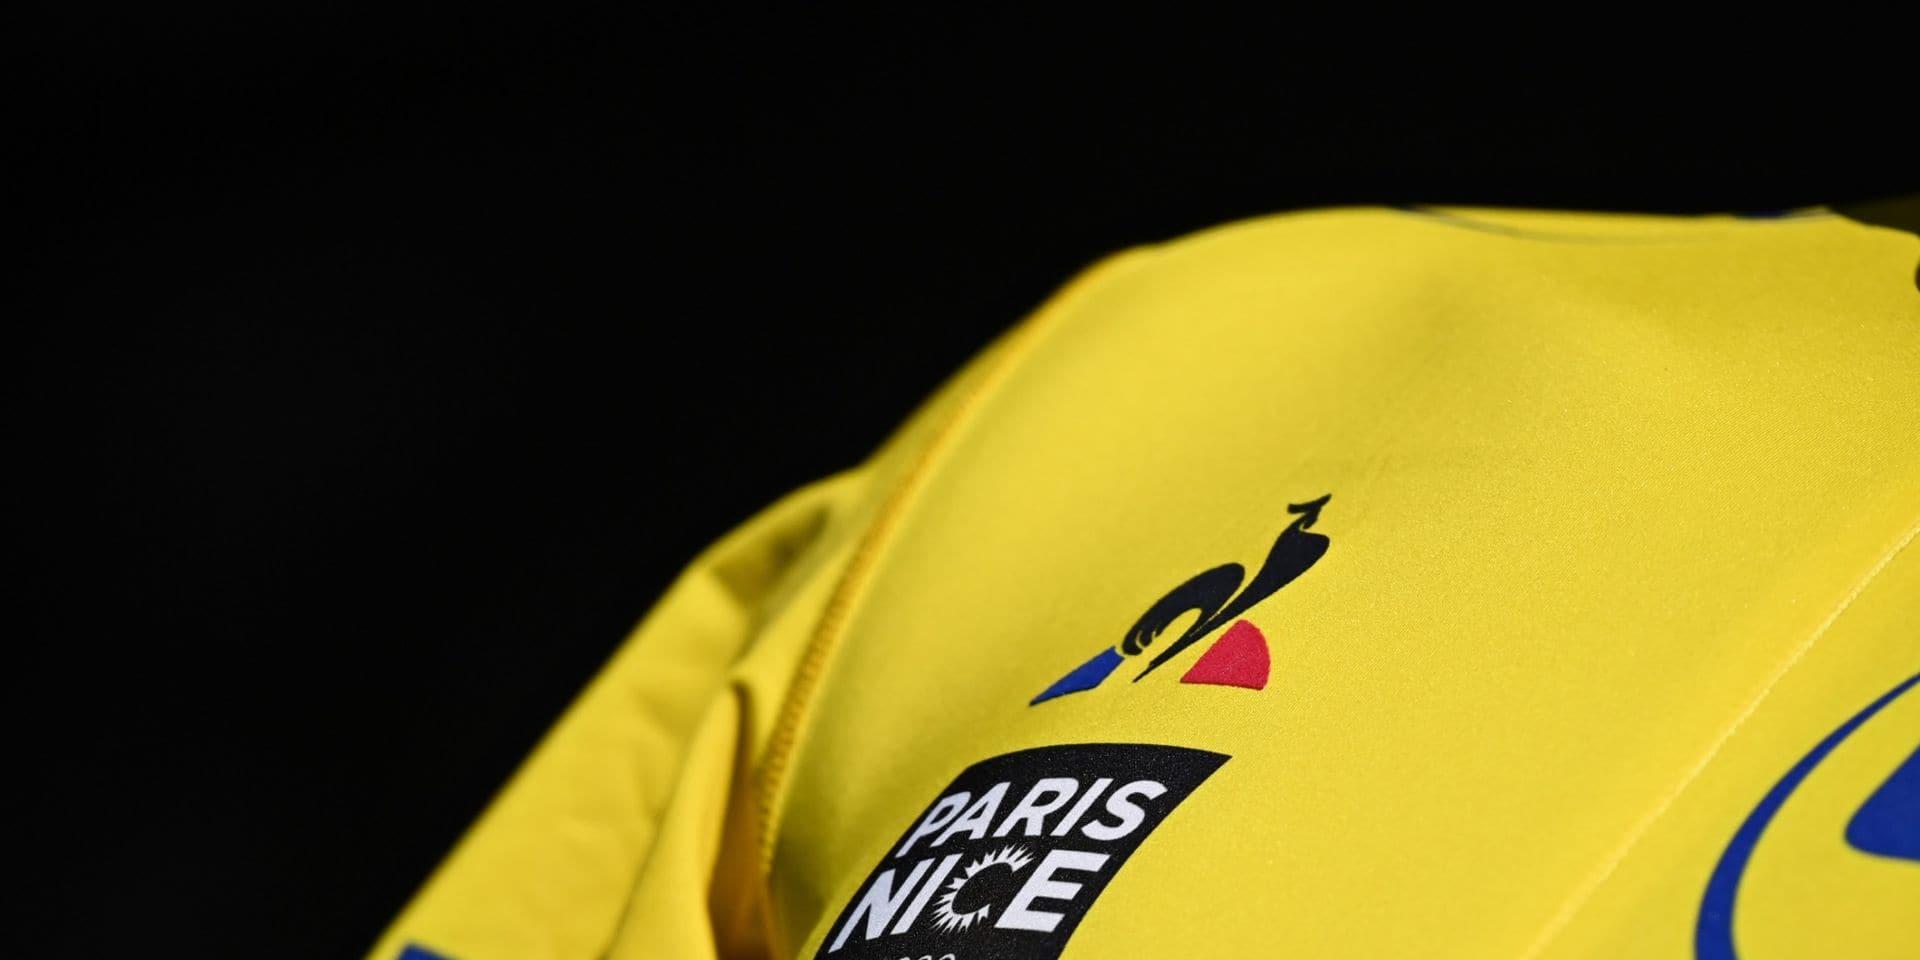 Paris-Nice : L'épreuve du WorldTour n'arrivera pas dimanche sur la Promenade des Anglais